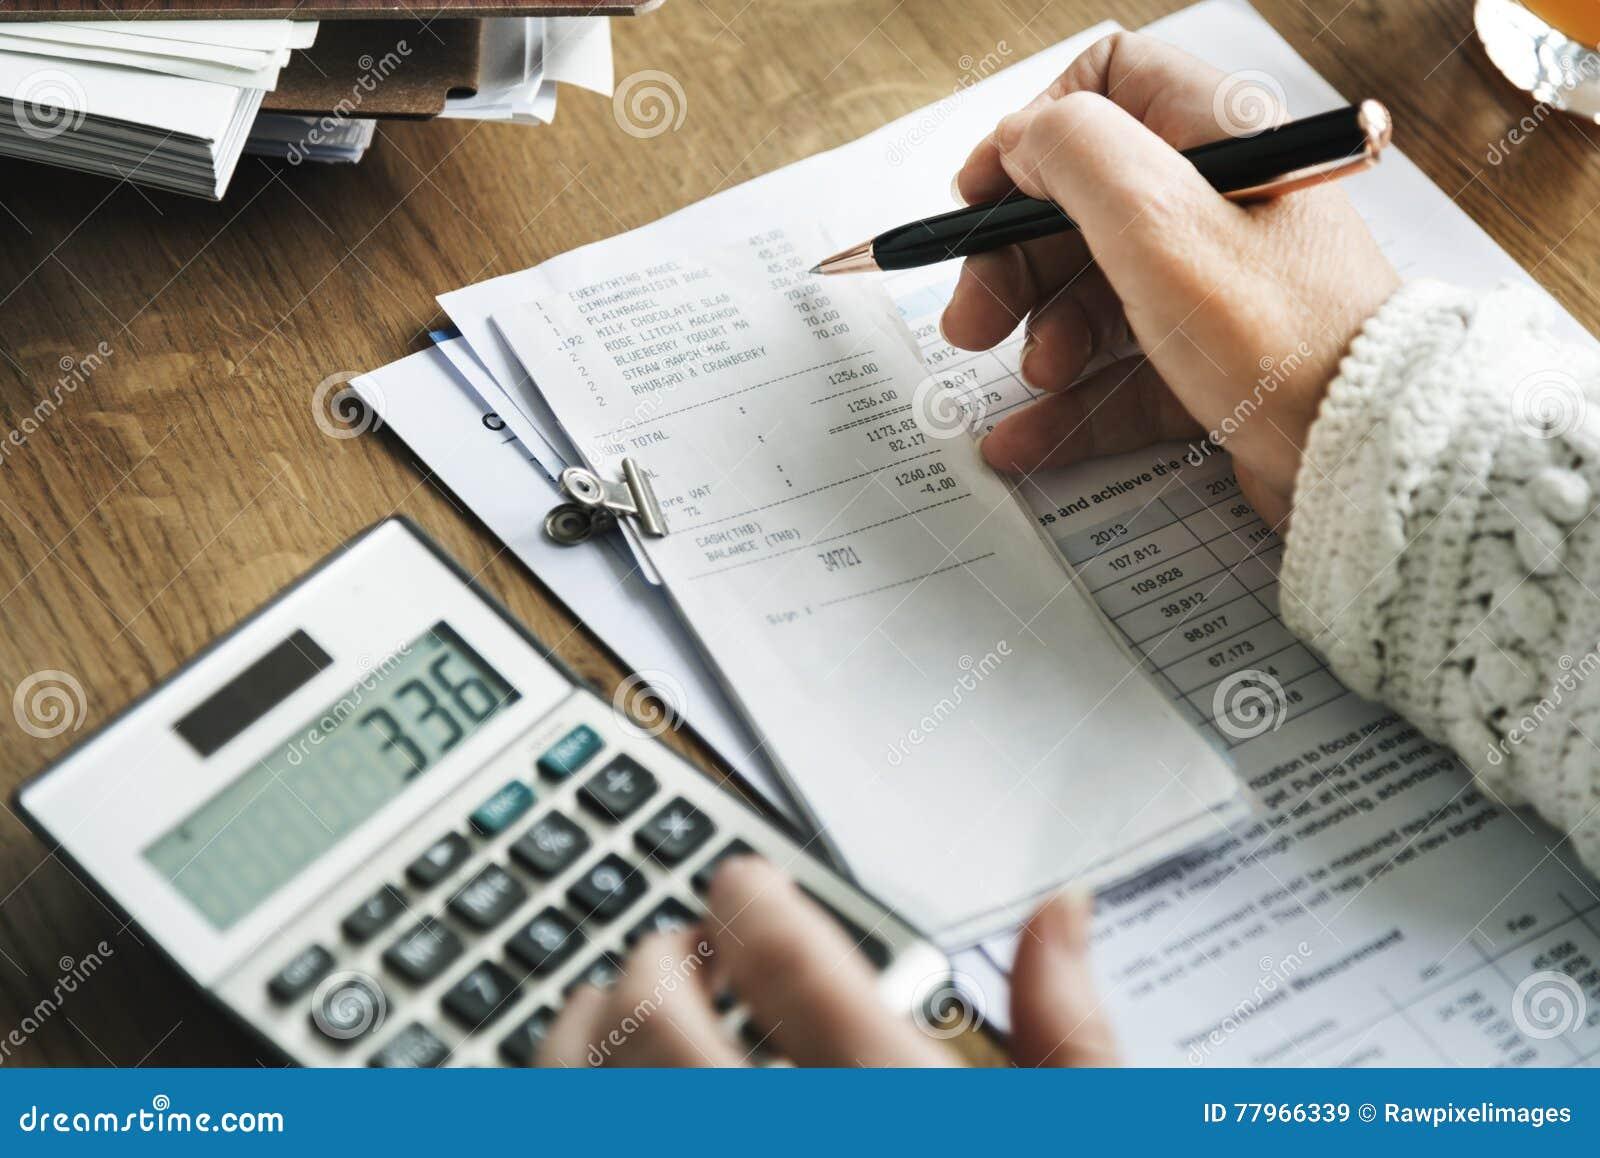 Conceito de contabilidade da contabilidade do planeamento do orçamento